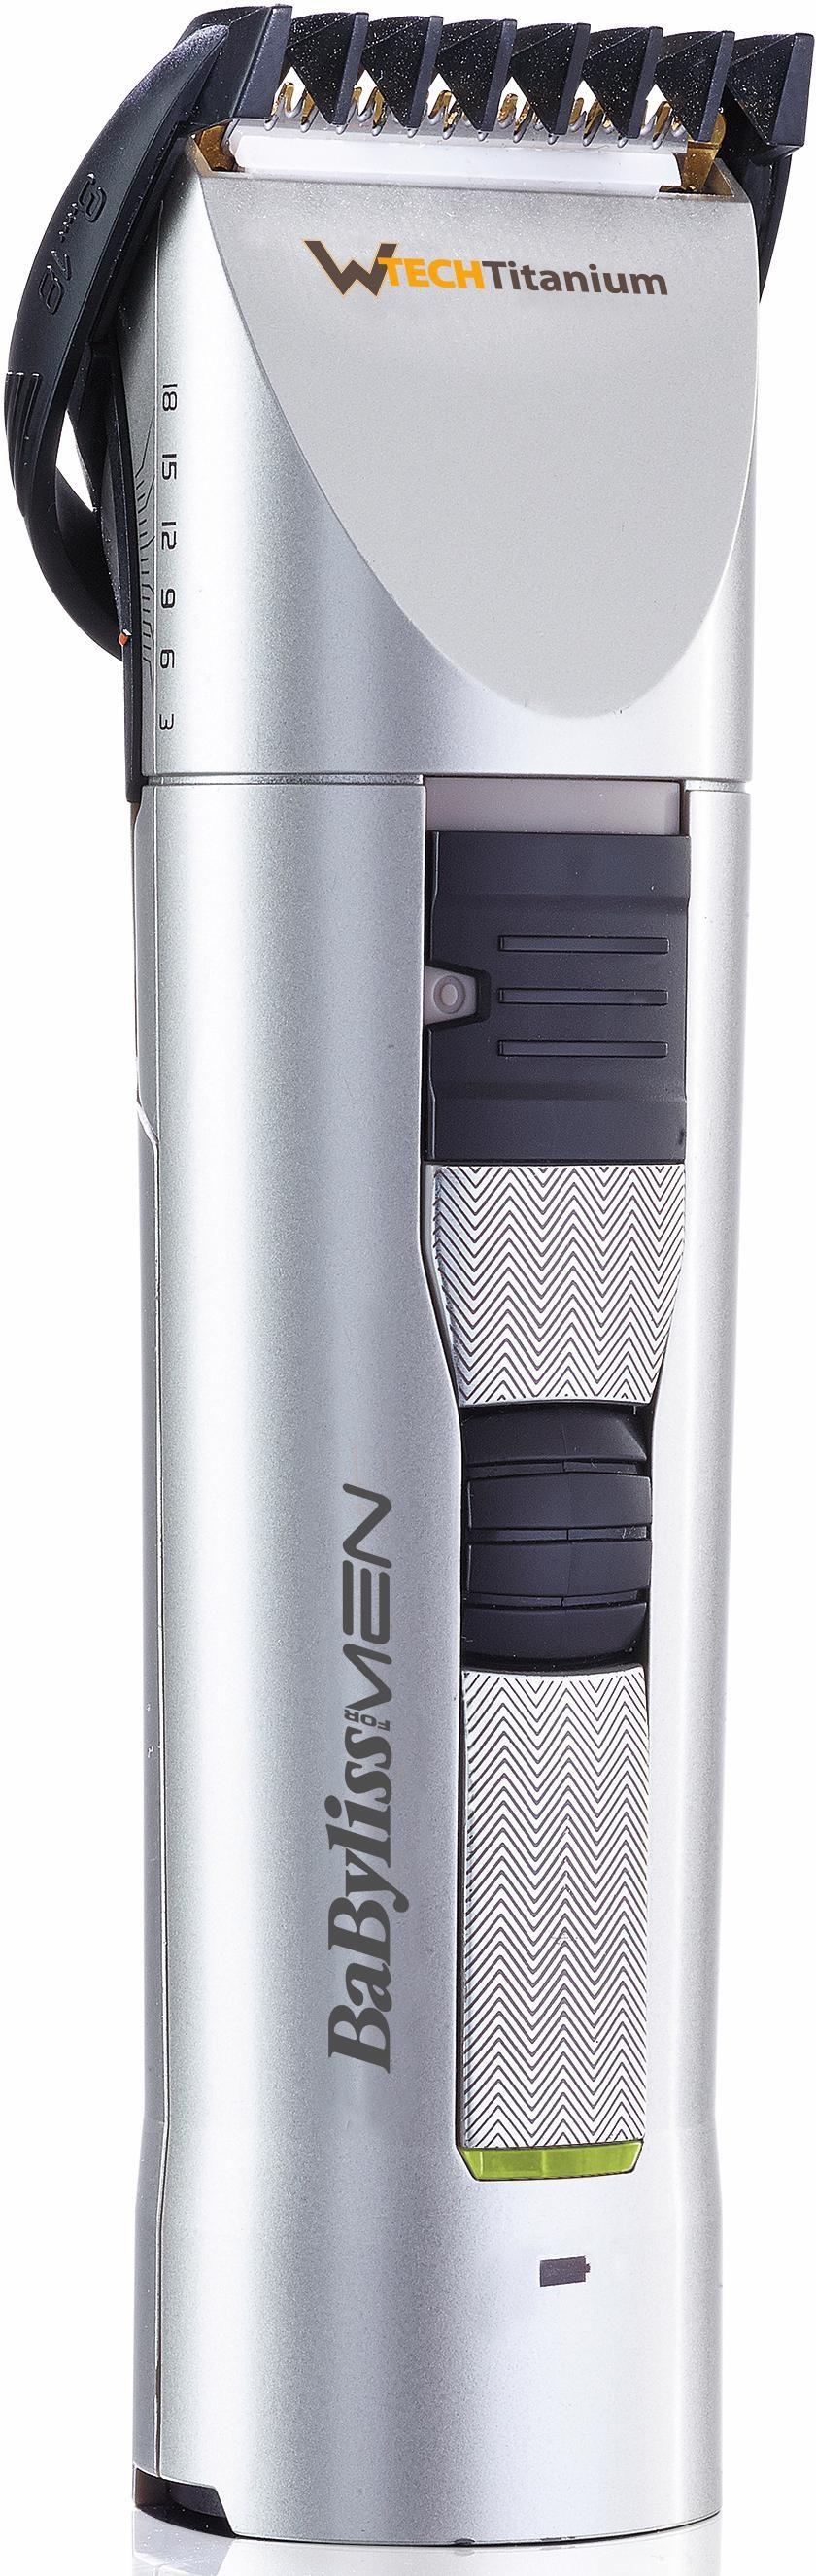 BaByliss Haar- und Bartschneider W-Tech Titanium E781E